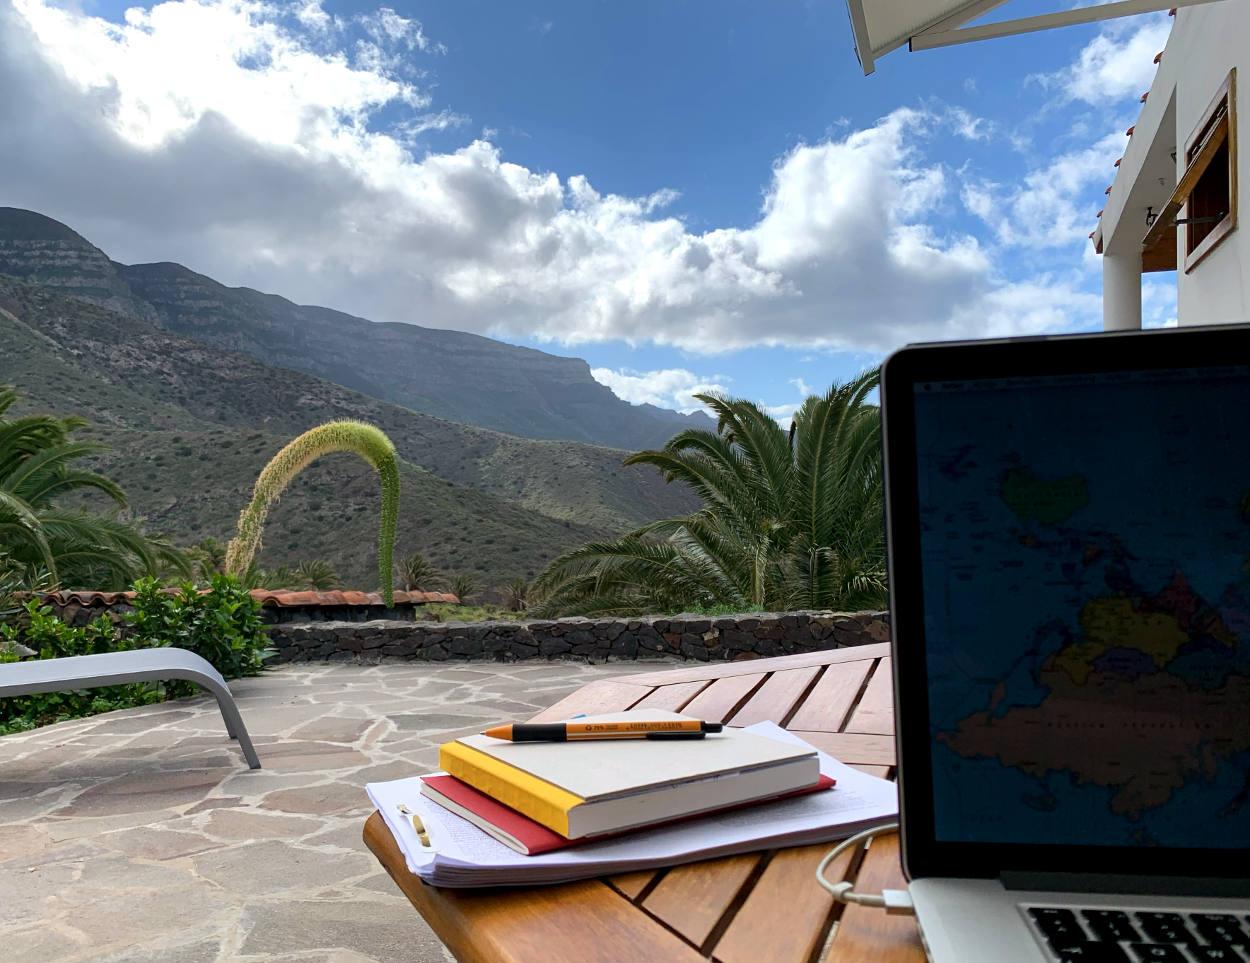 Laptop und Notizbücher auf Holztisch, im Hintergrund Palmen und Himmel mit Schäfchenwolken, Blick ins Tal